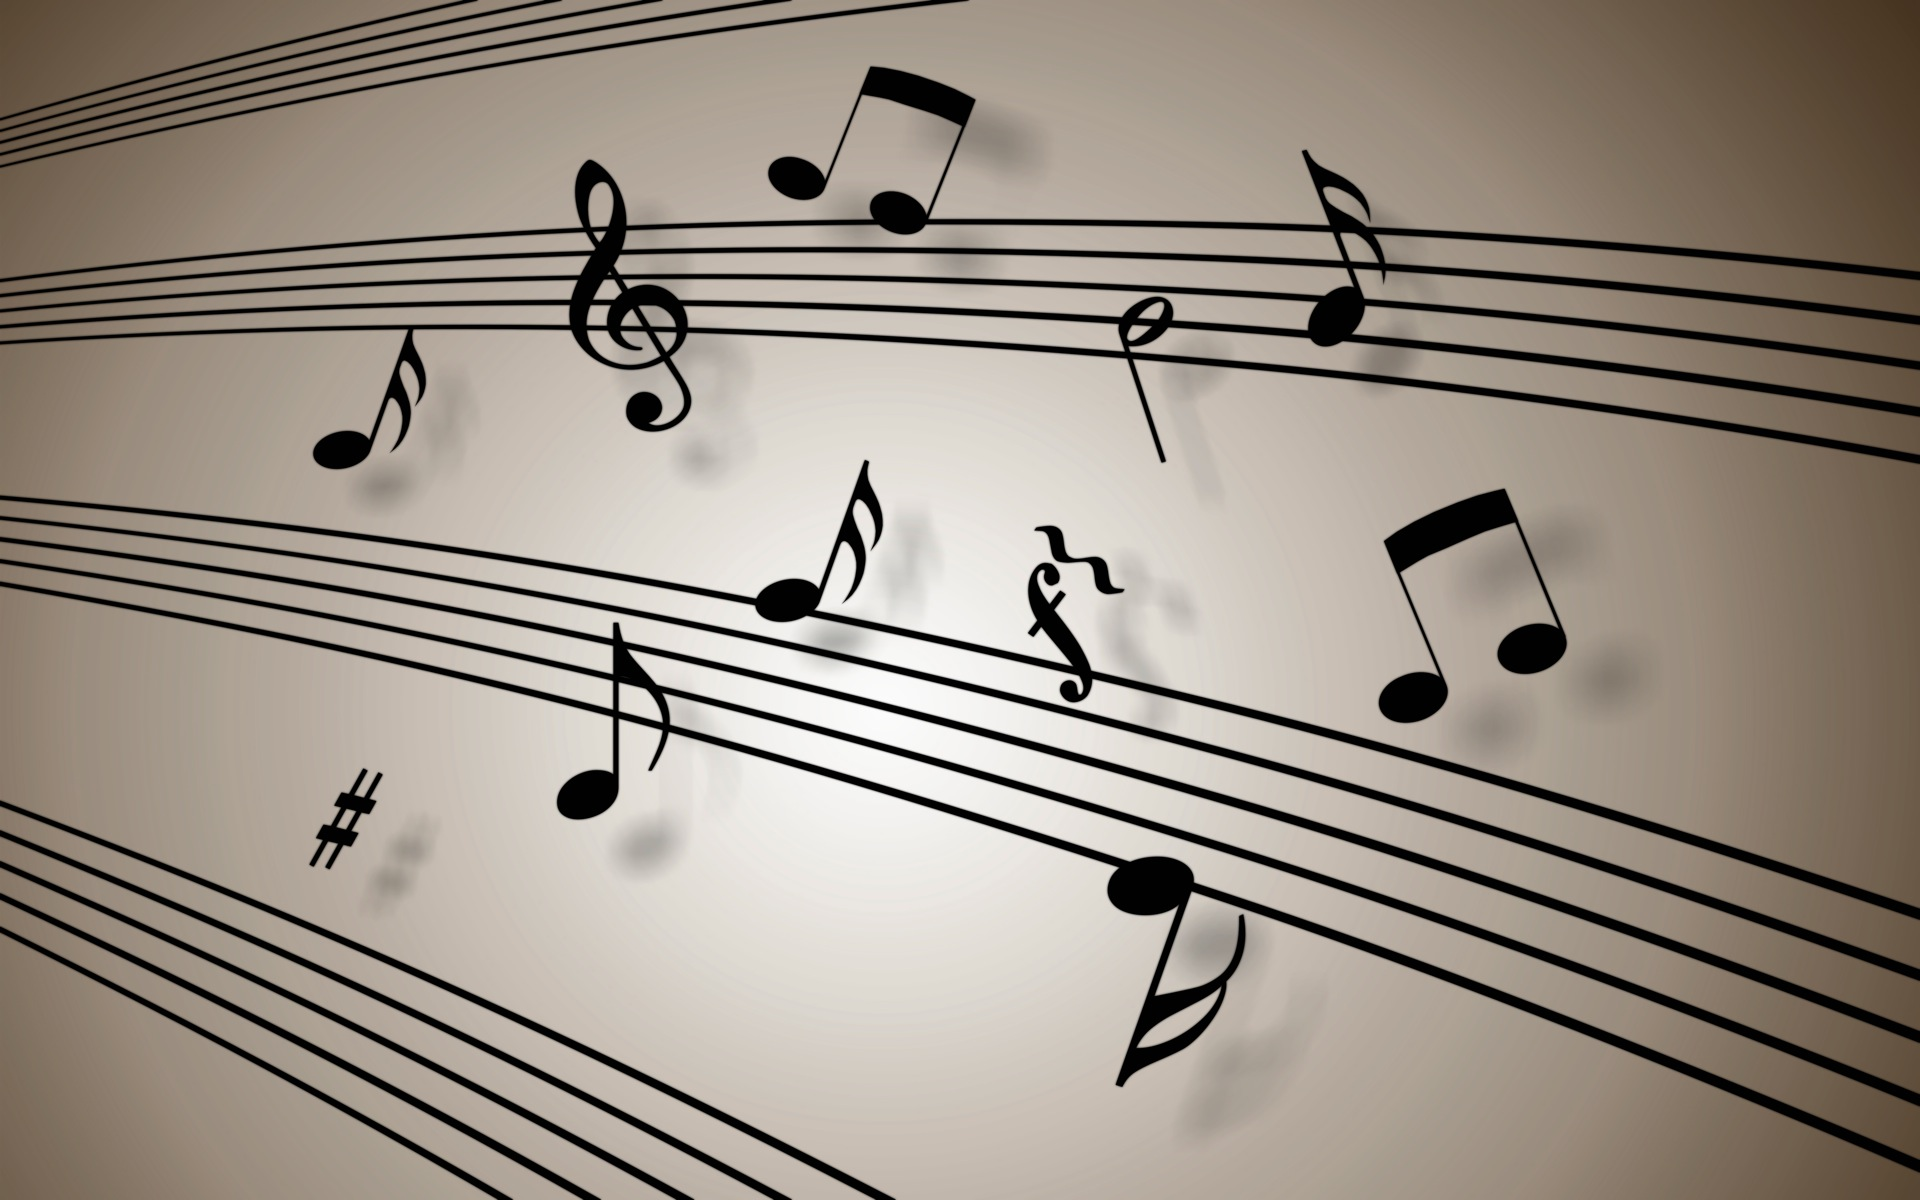 13 интересных фактов, которые наука может рассказать нам о музыке